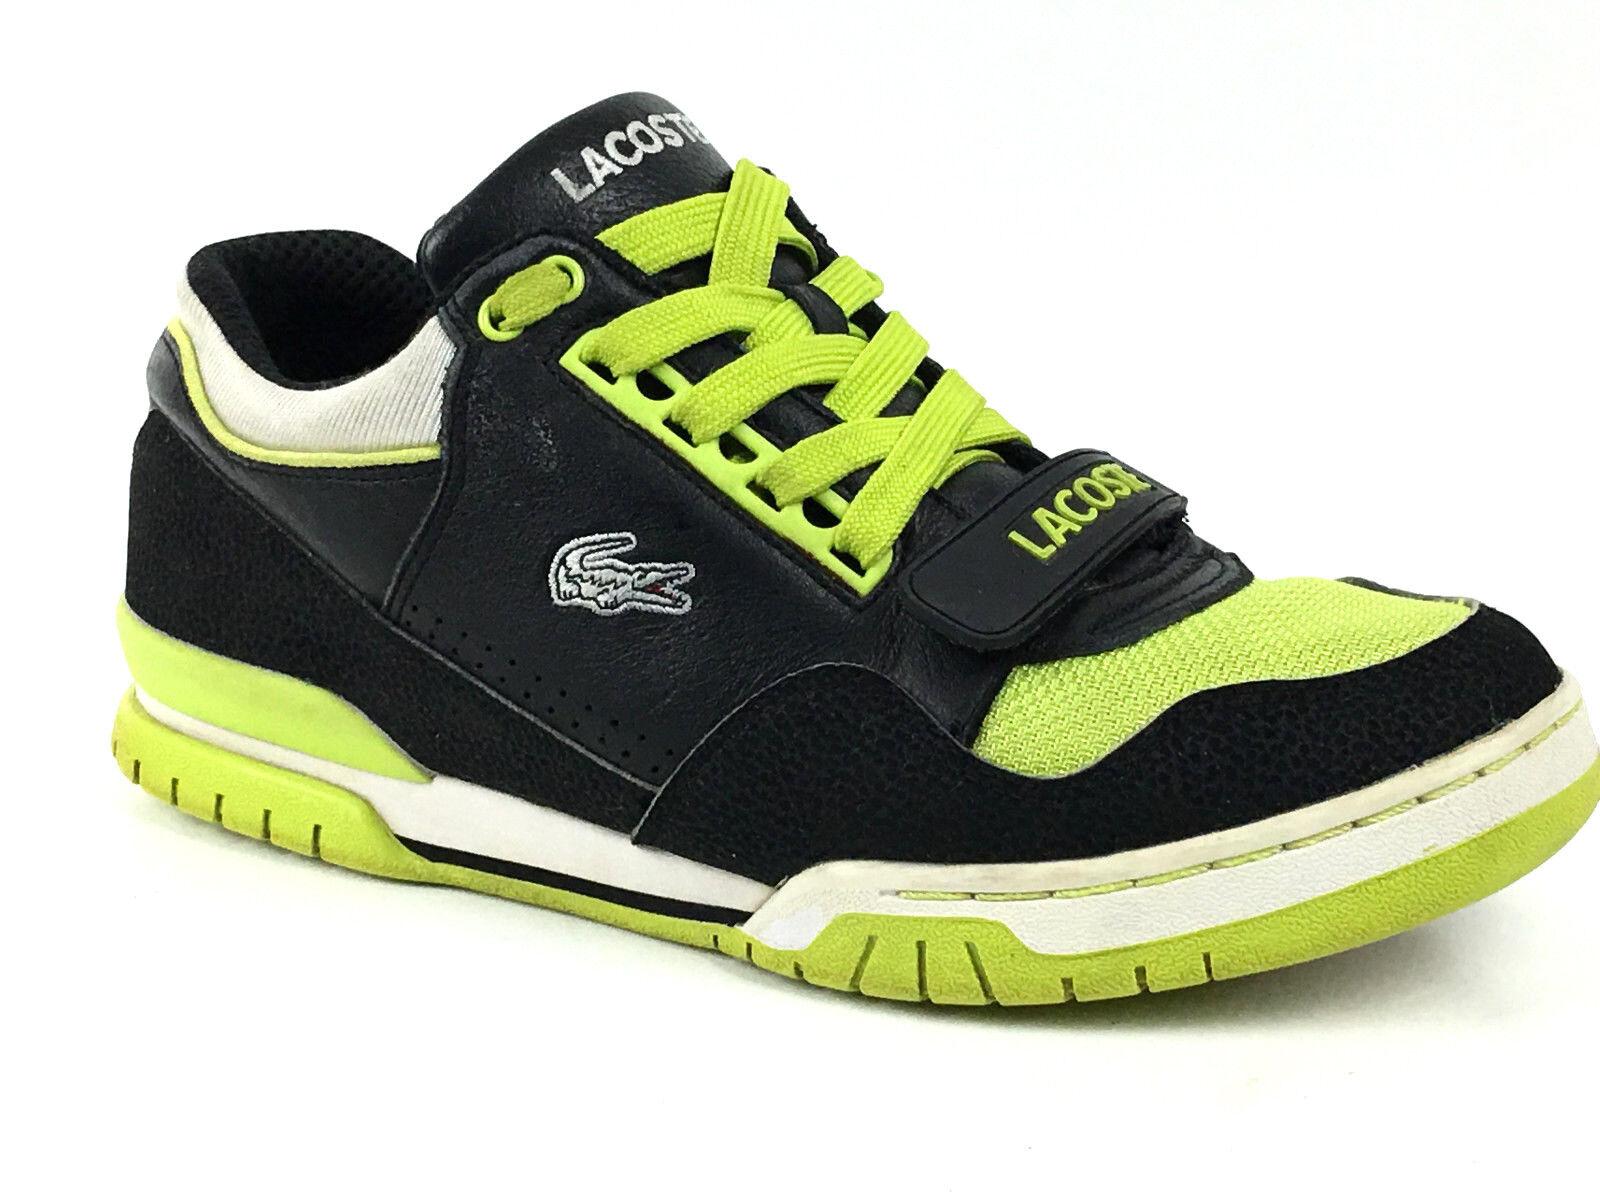 Lacoste Missouri LEA MSH Men Casual Sneakers Blk  Grn Size US.10.5 UK.9.5 EU. 44